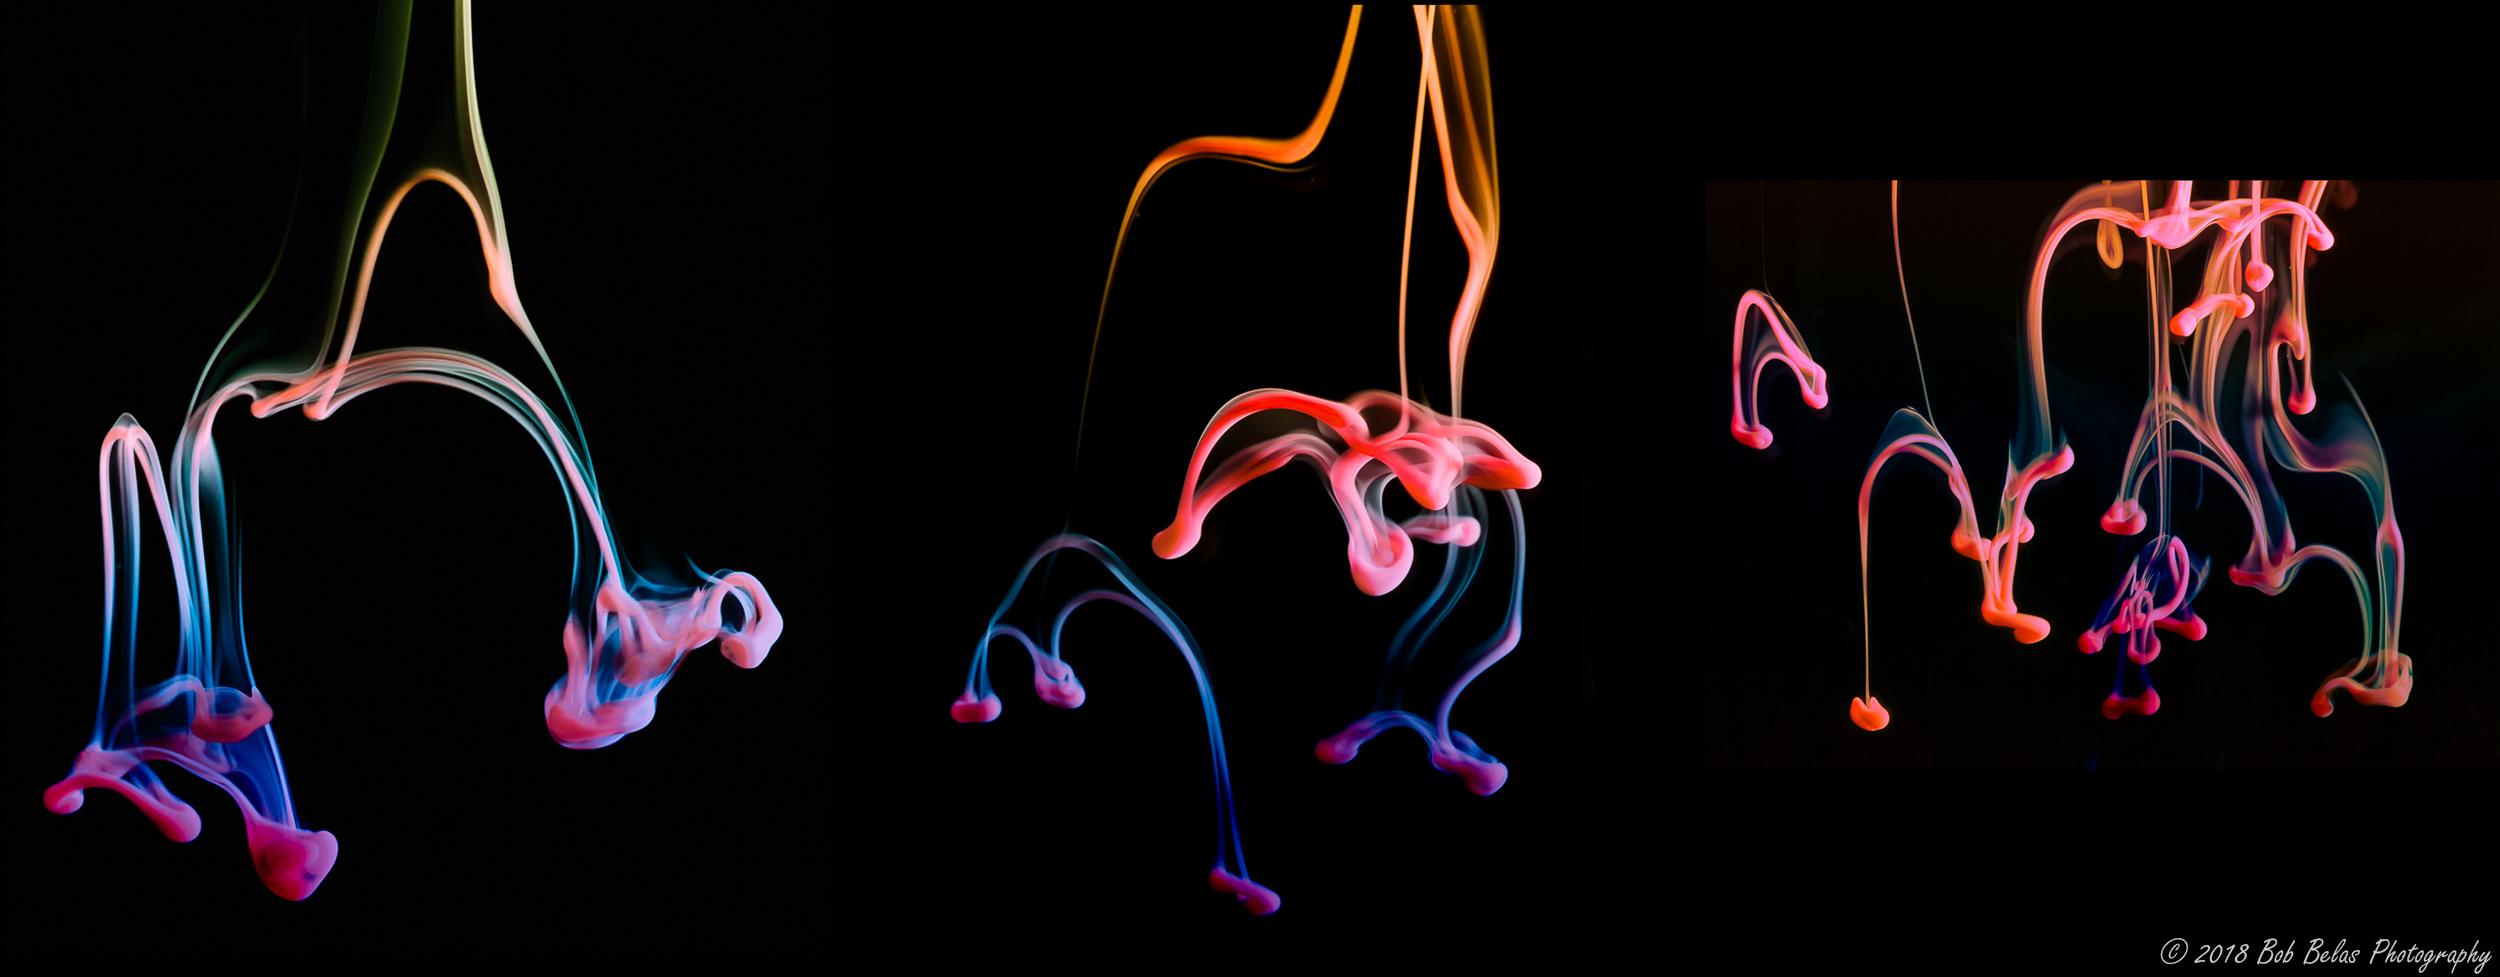 Descending Drops Trio No2, color